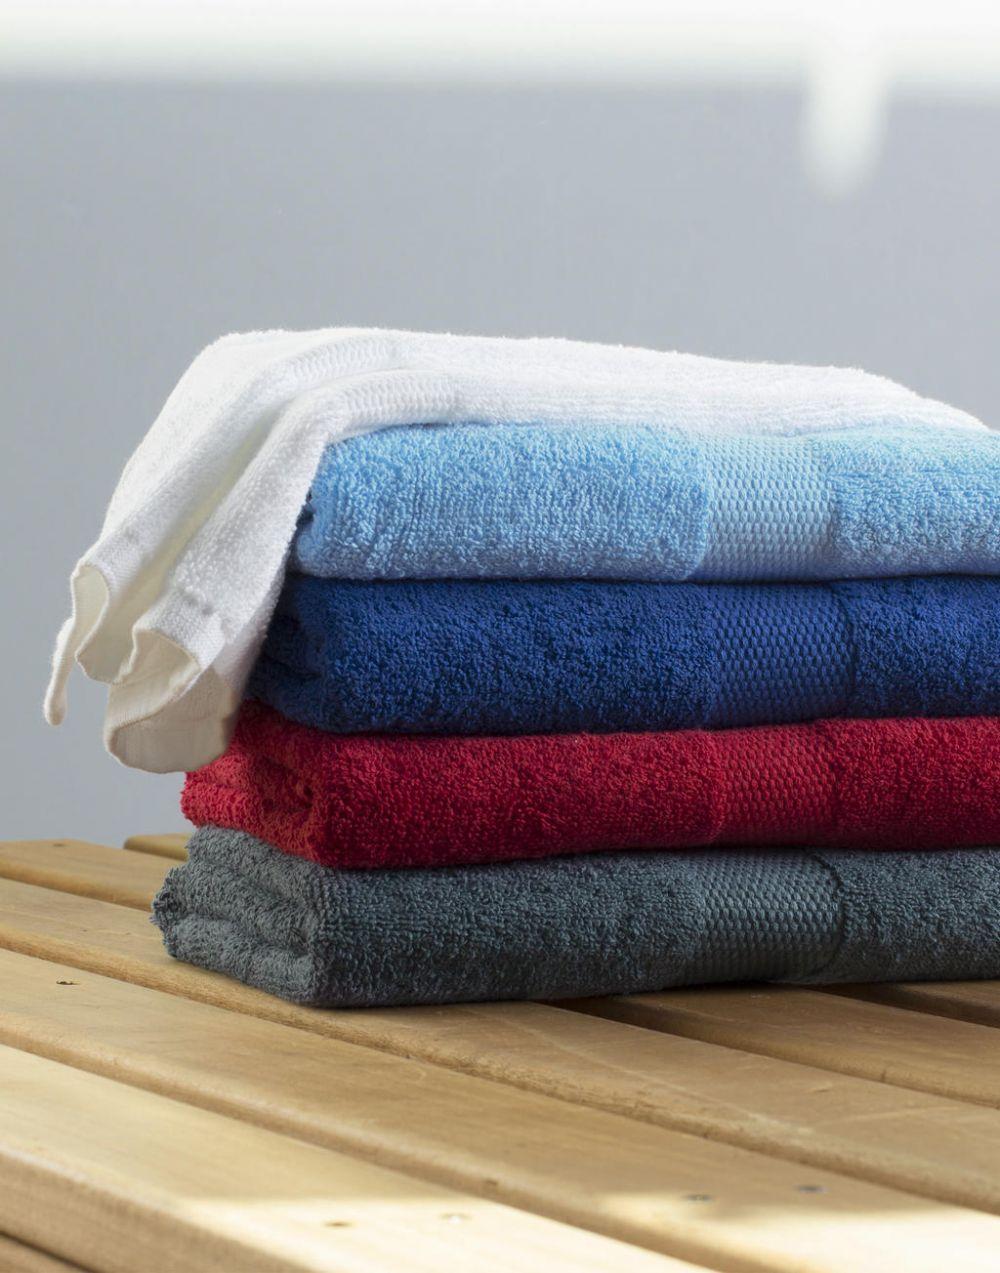 Toallas y albornoces towels by jassz para manos tiber 50x100 cm imagen 1